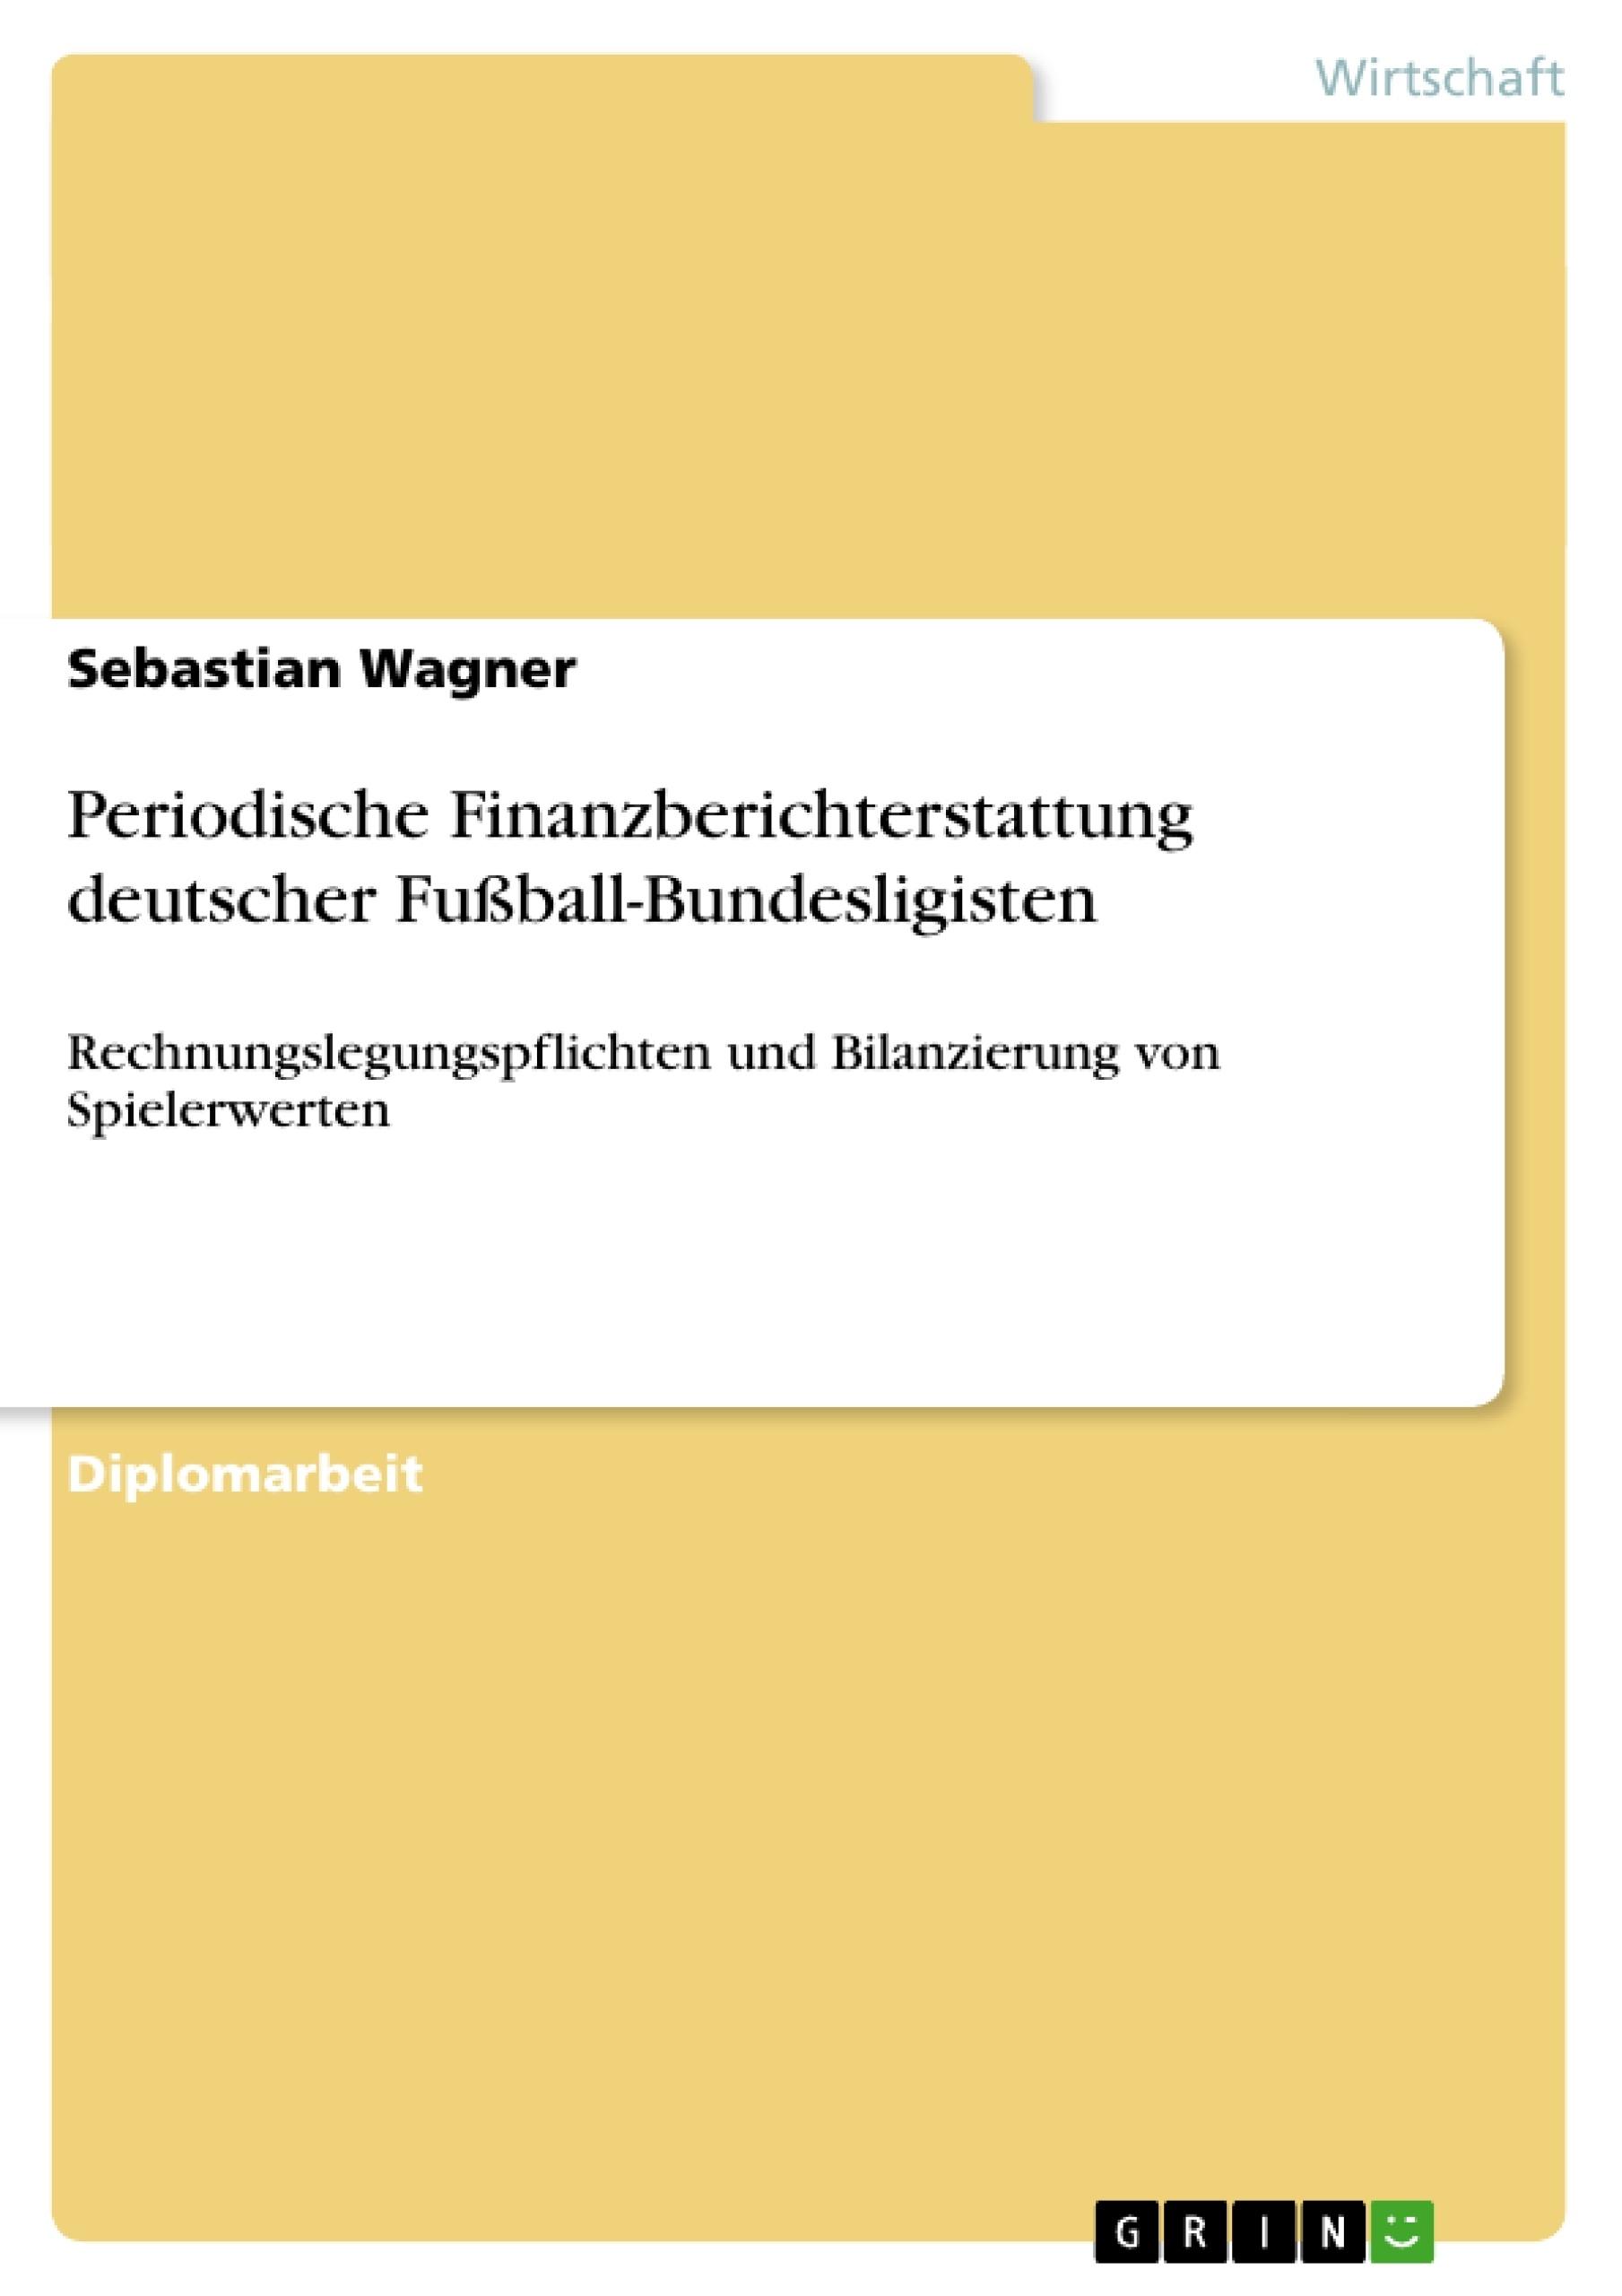 Titel: Periodische Finanzberichterstattung deutscher Fußball-Bundesligisten